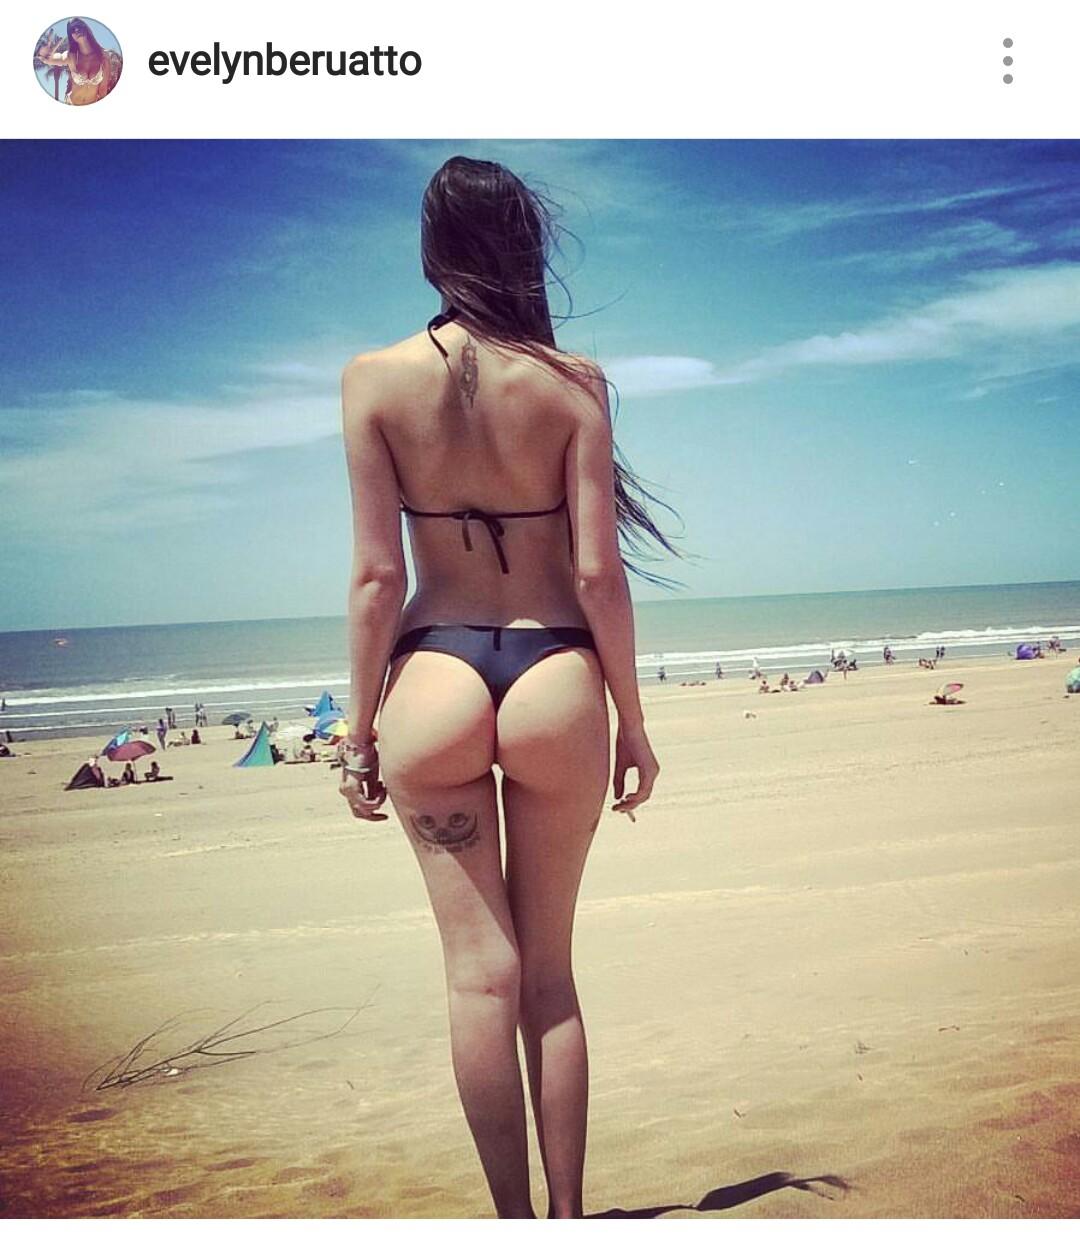 Chicas de Instagram enseñando su culo con tanga